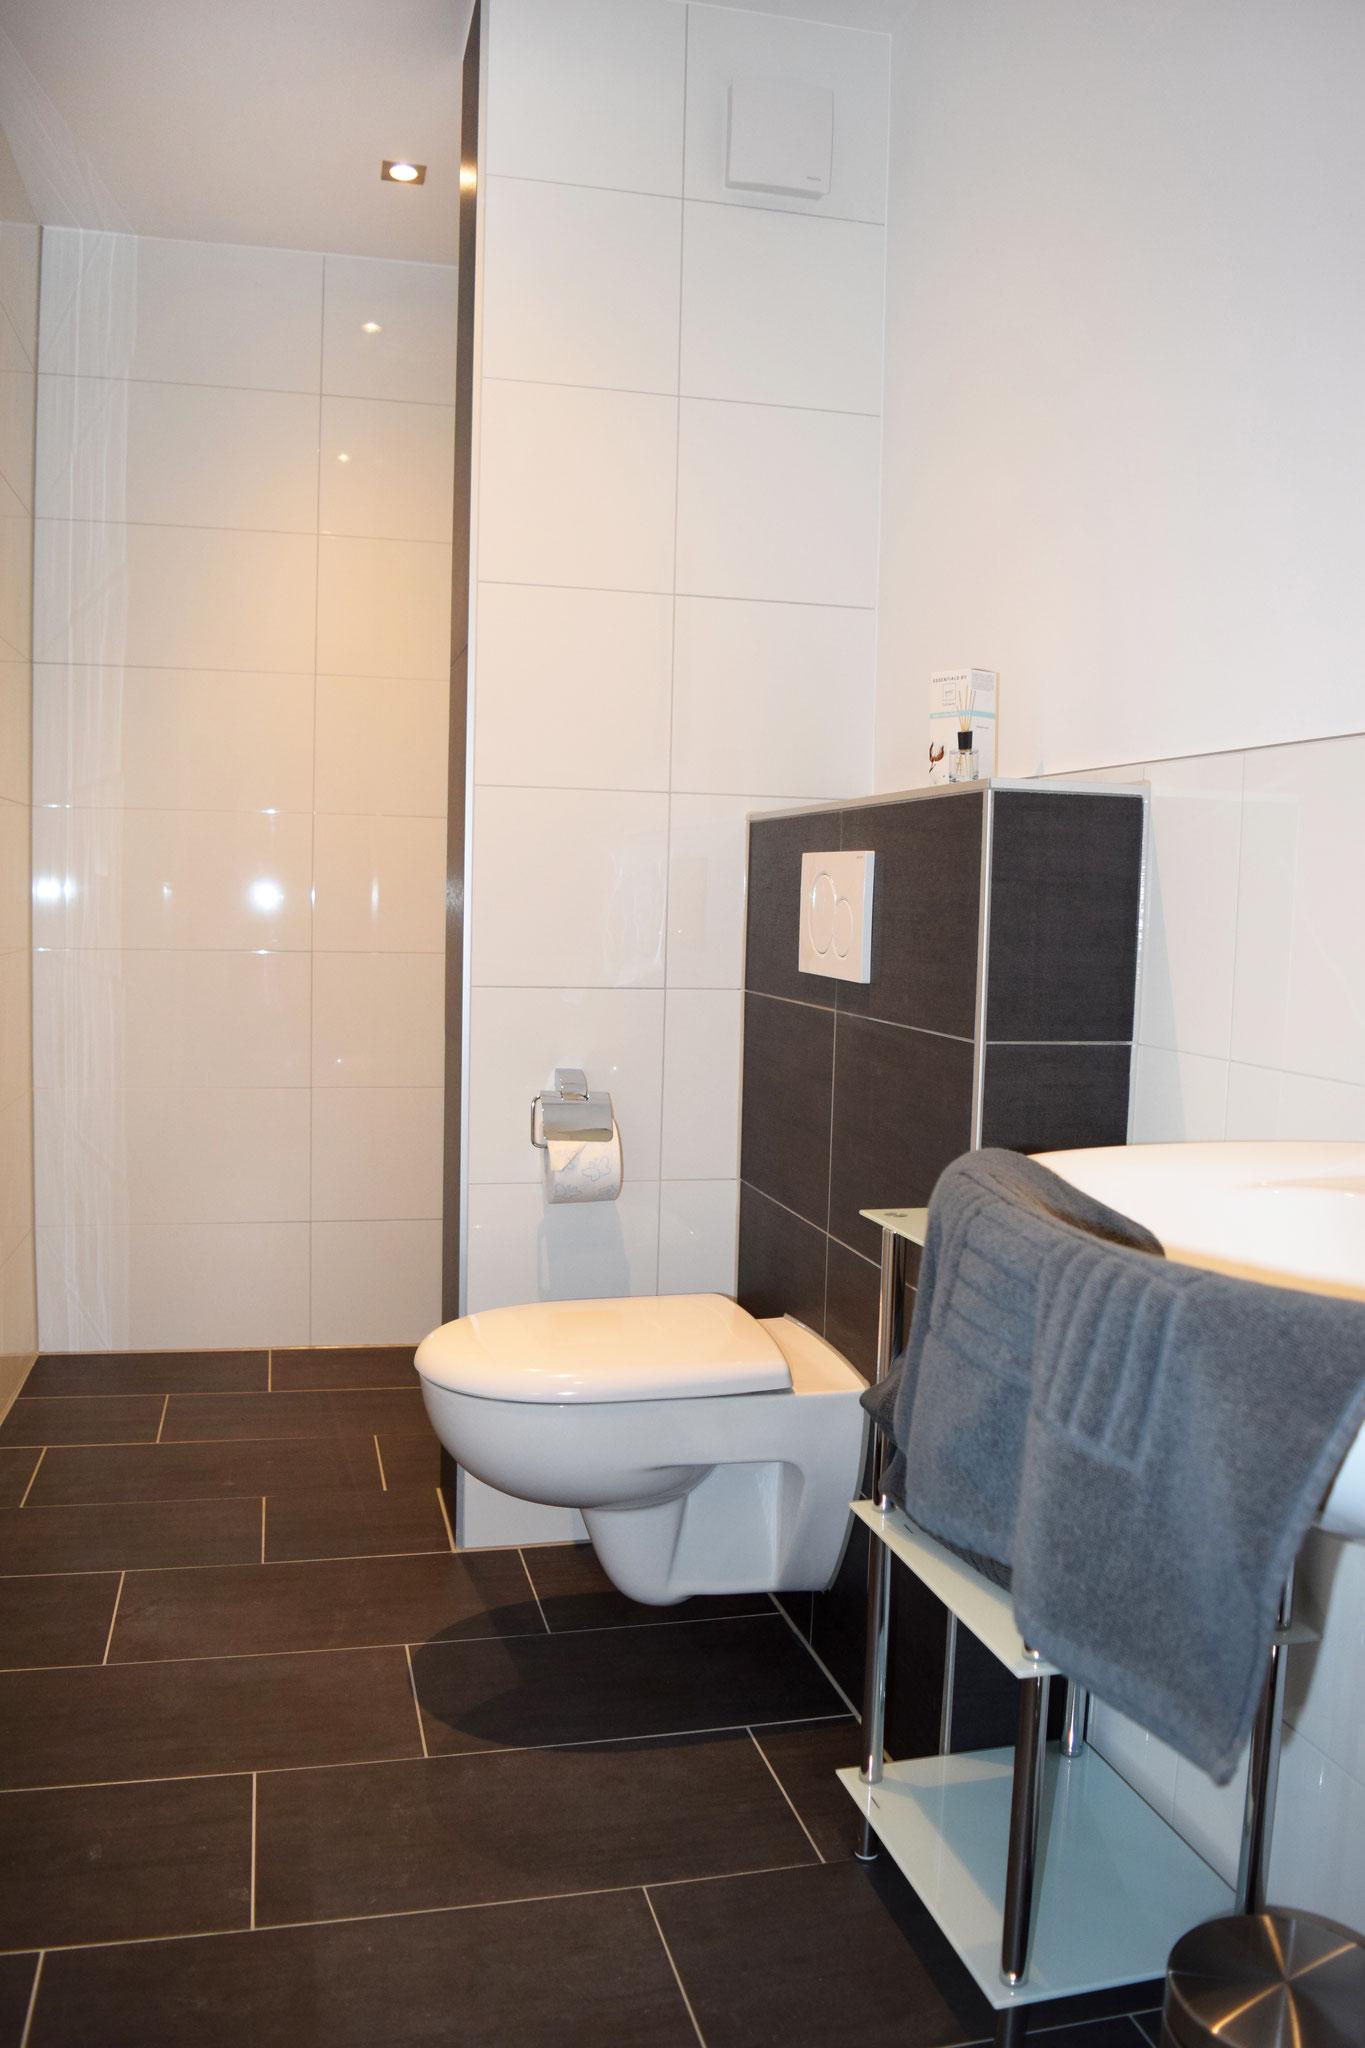 Badezimmer mit bodentiefer Dusche, WC und Waschbecken